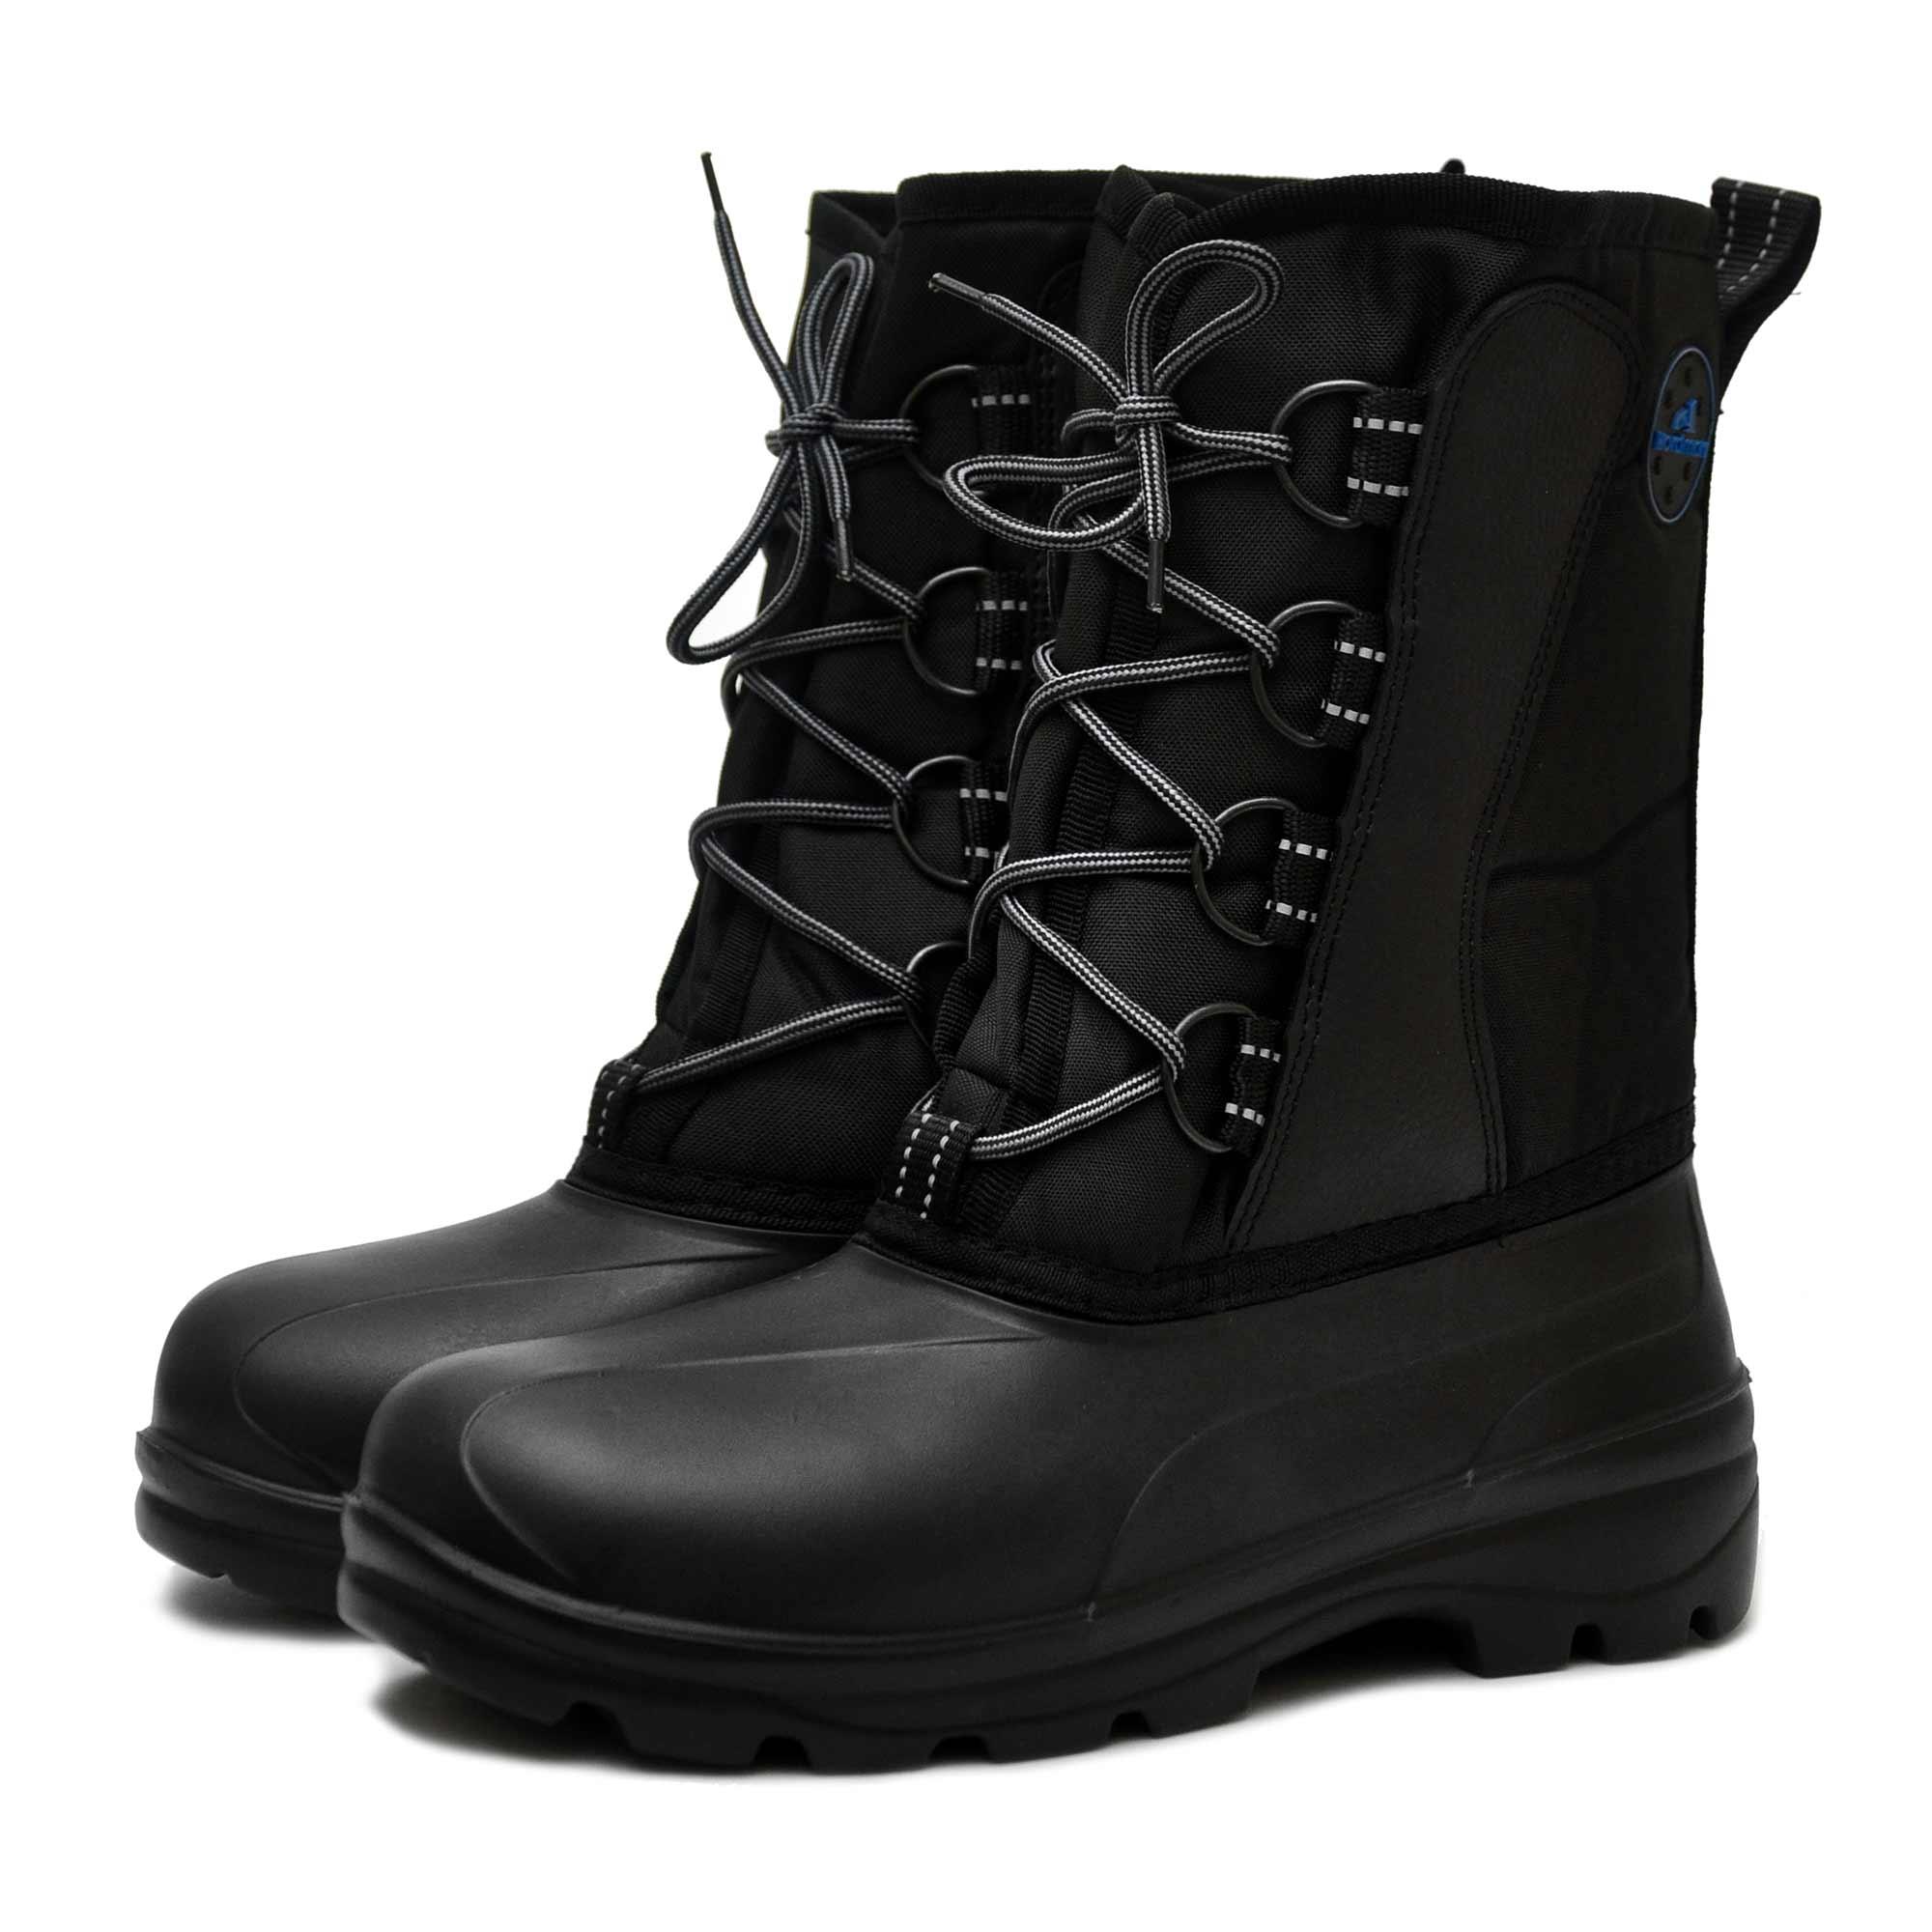 Ботинки для рыбалки Nordman Comfort ПЕ-11 СК8, черные, 44-45 RU